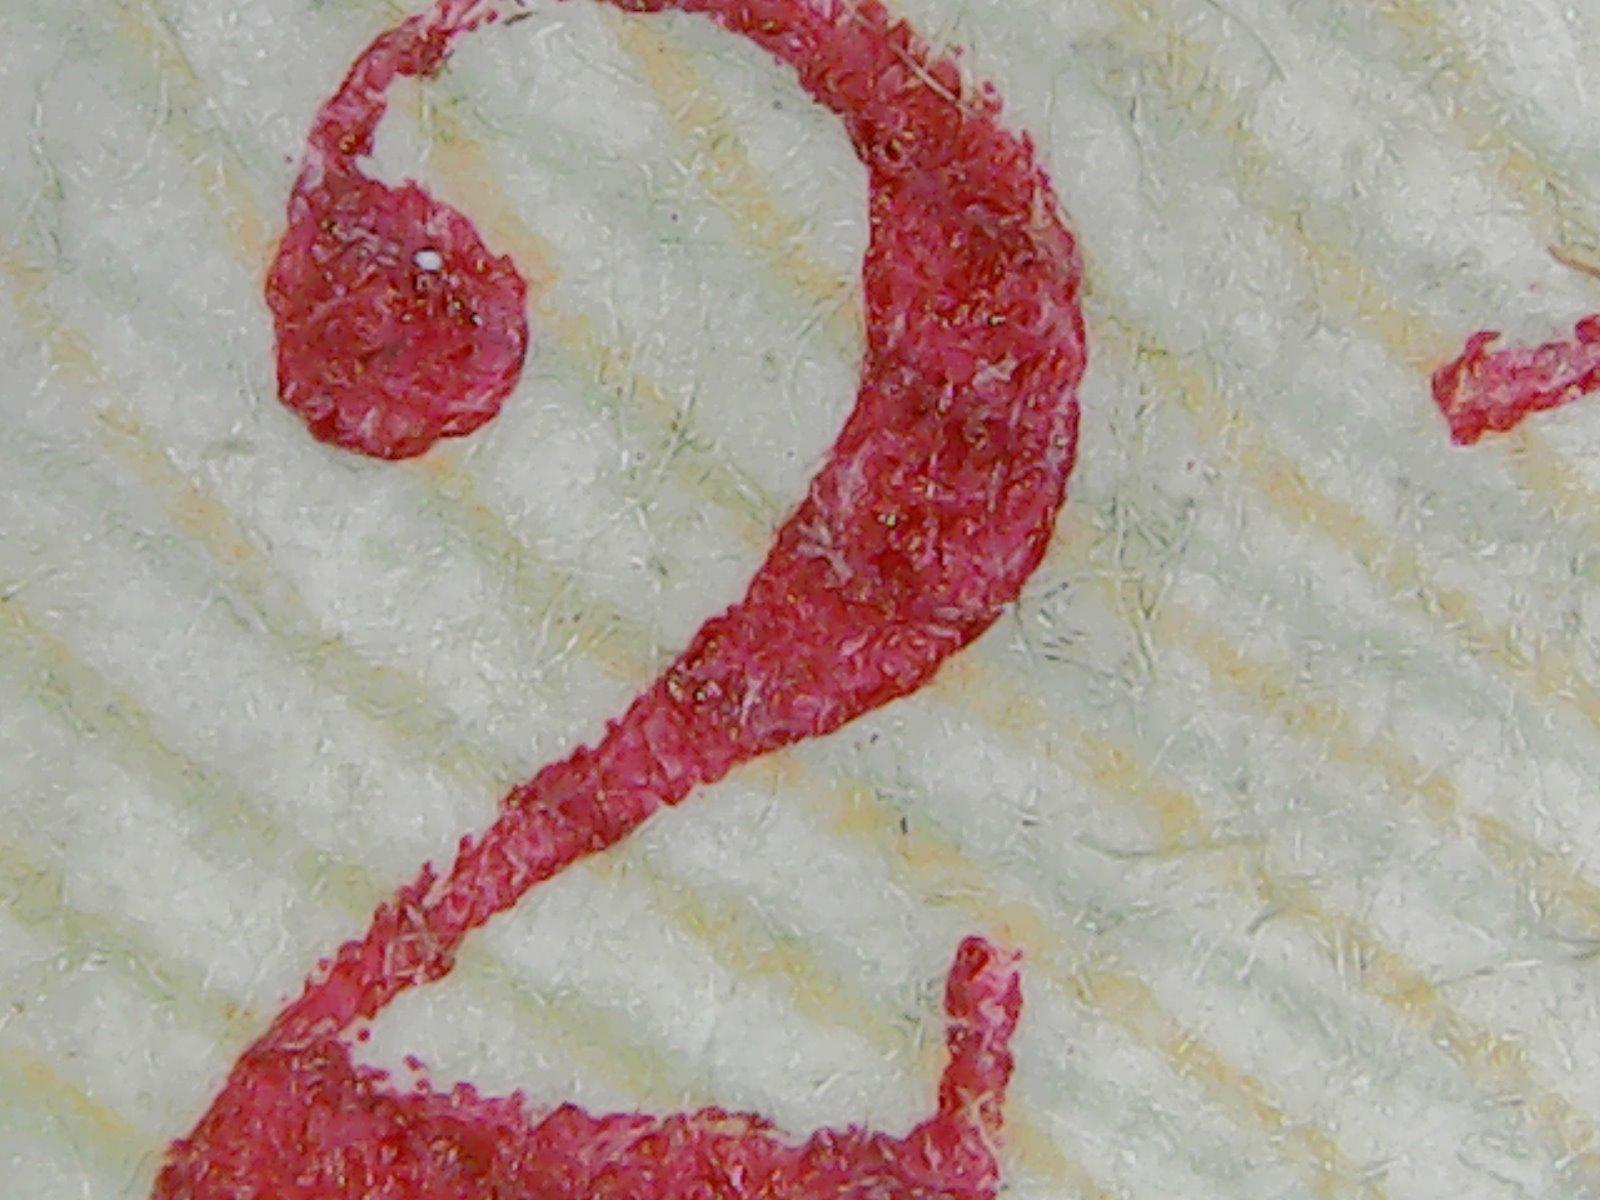 Resultados de un microscopio USB: detalles de las monedas  - Página 2 2ueqqsn